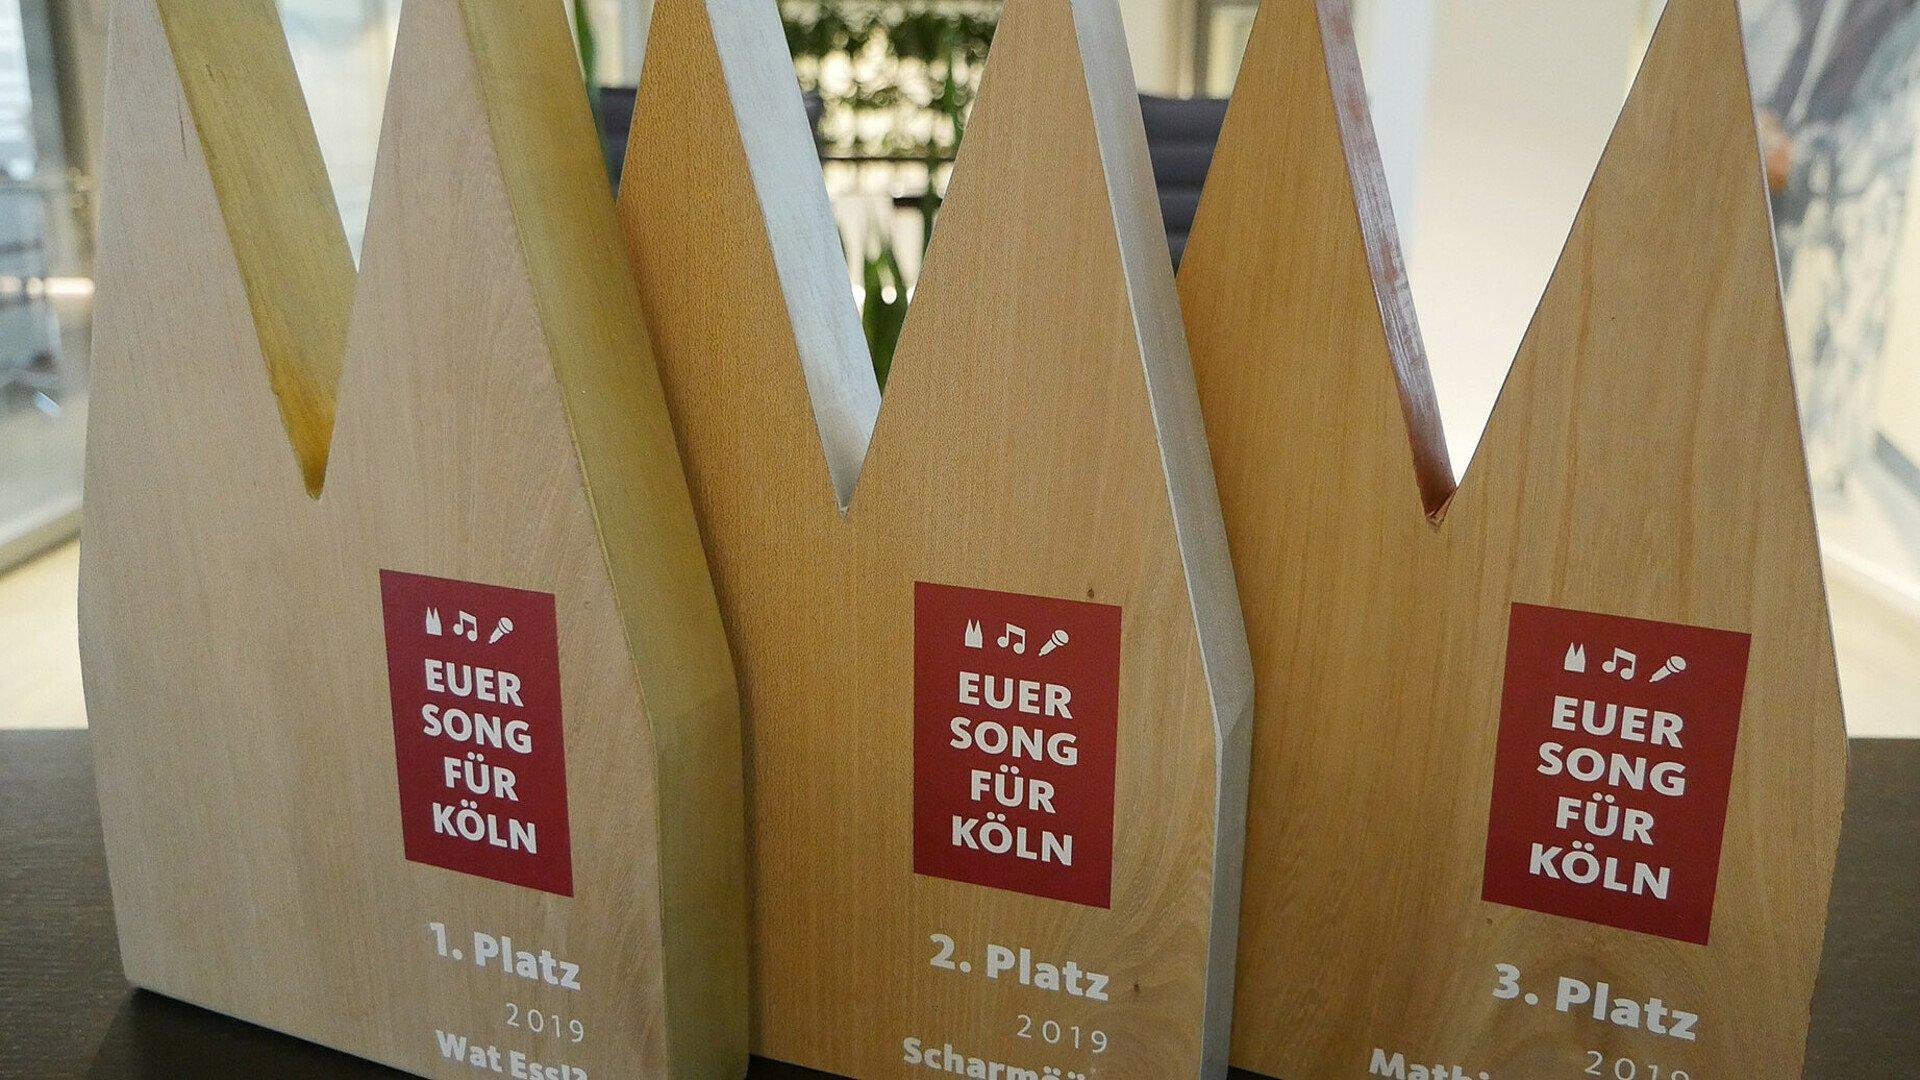 Pokale aus Holz in Form des Kölner Doms für die ersten drei Gewinner von Euer Song für Köln